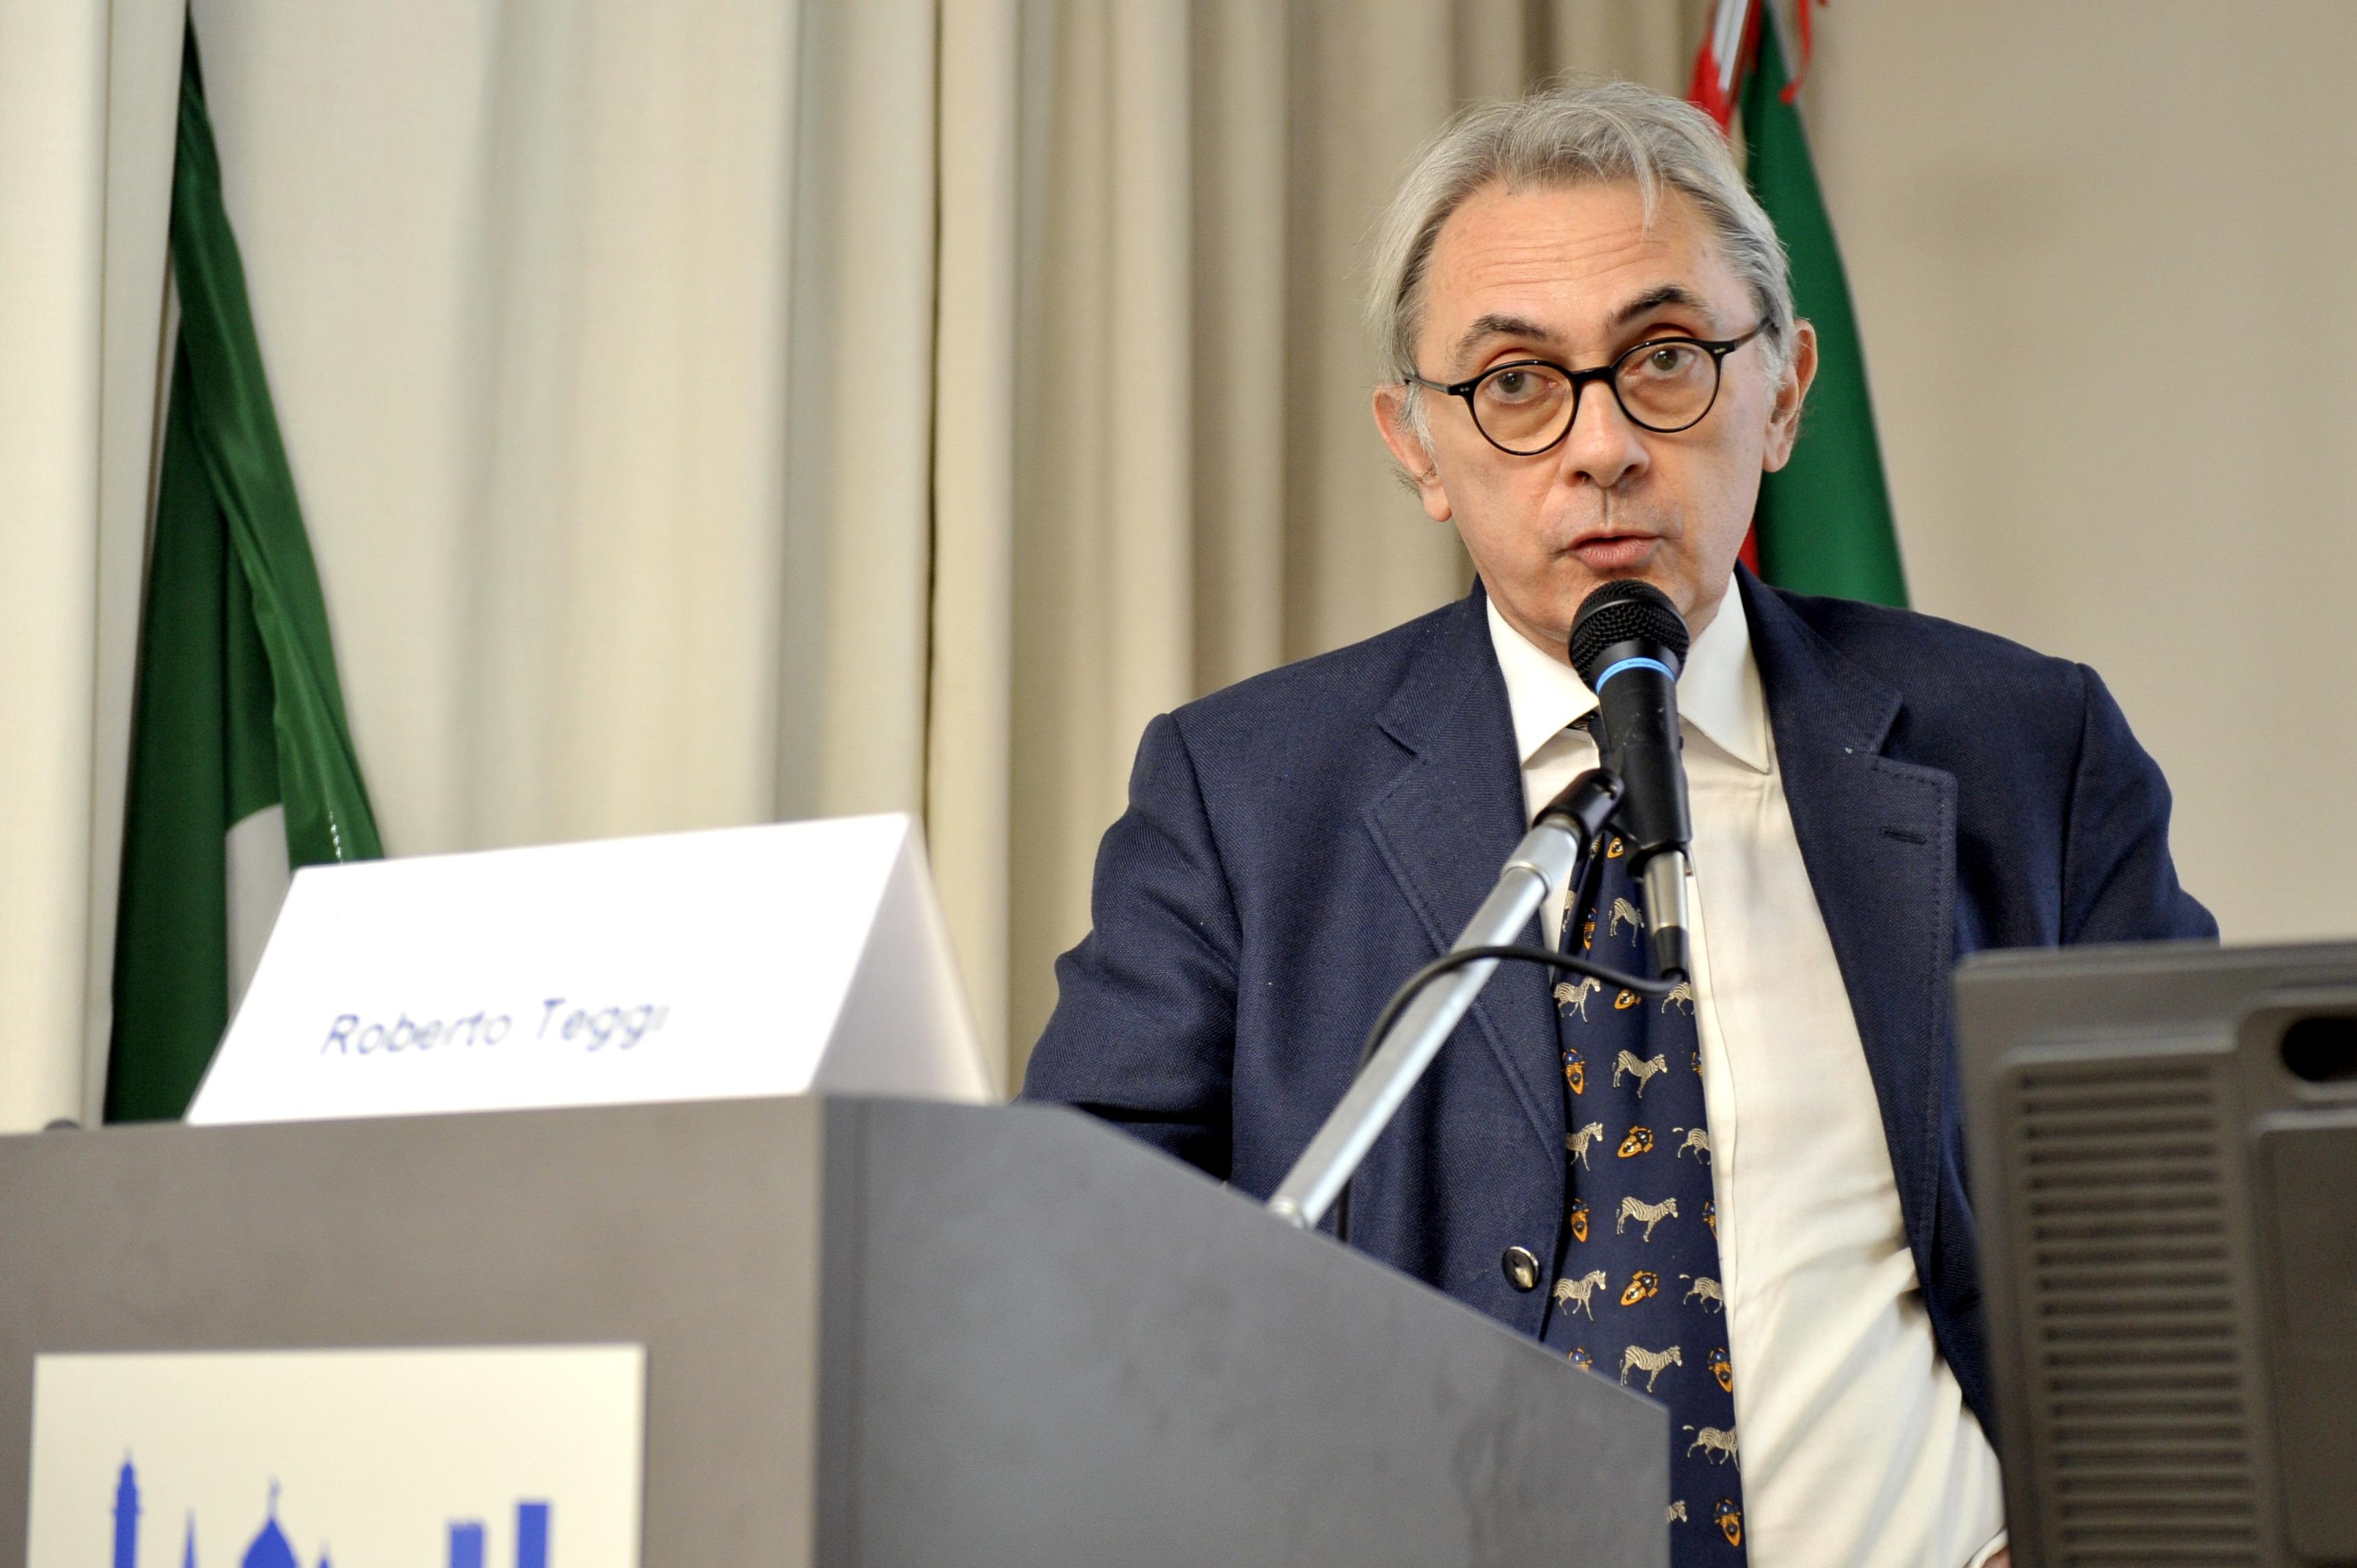 6.6.2015 - Interviene Roberto Teggi, Otorinolaringoiatra